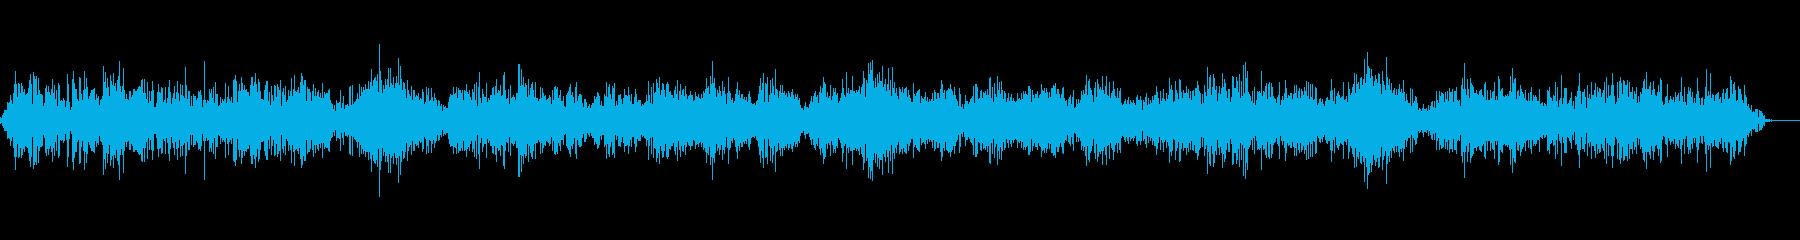 巻き戻し巻き戻し15の再生済みの波形